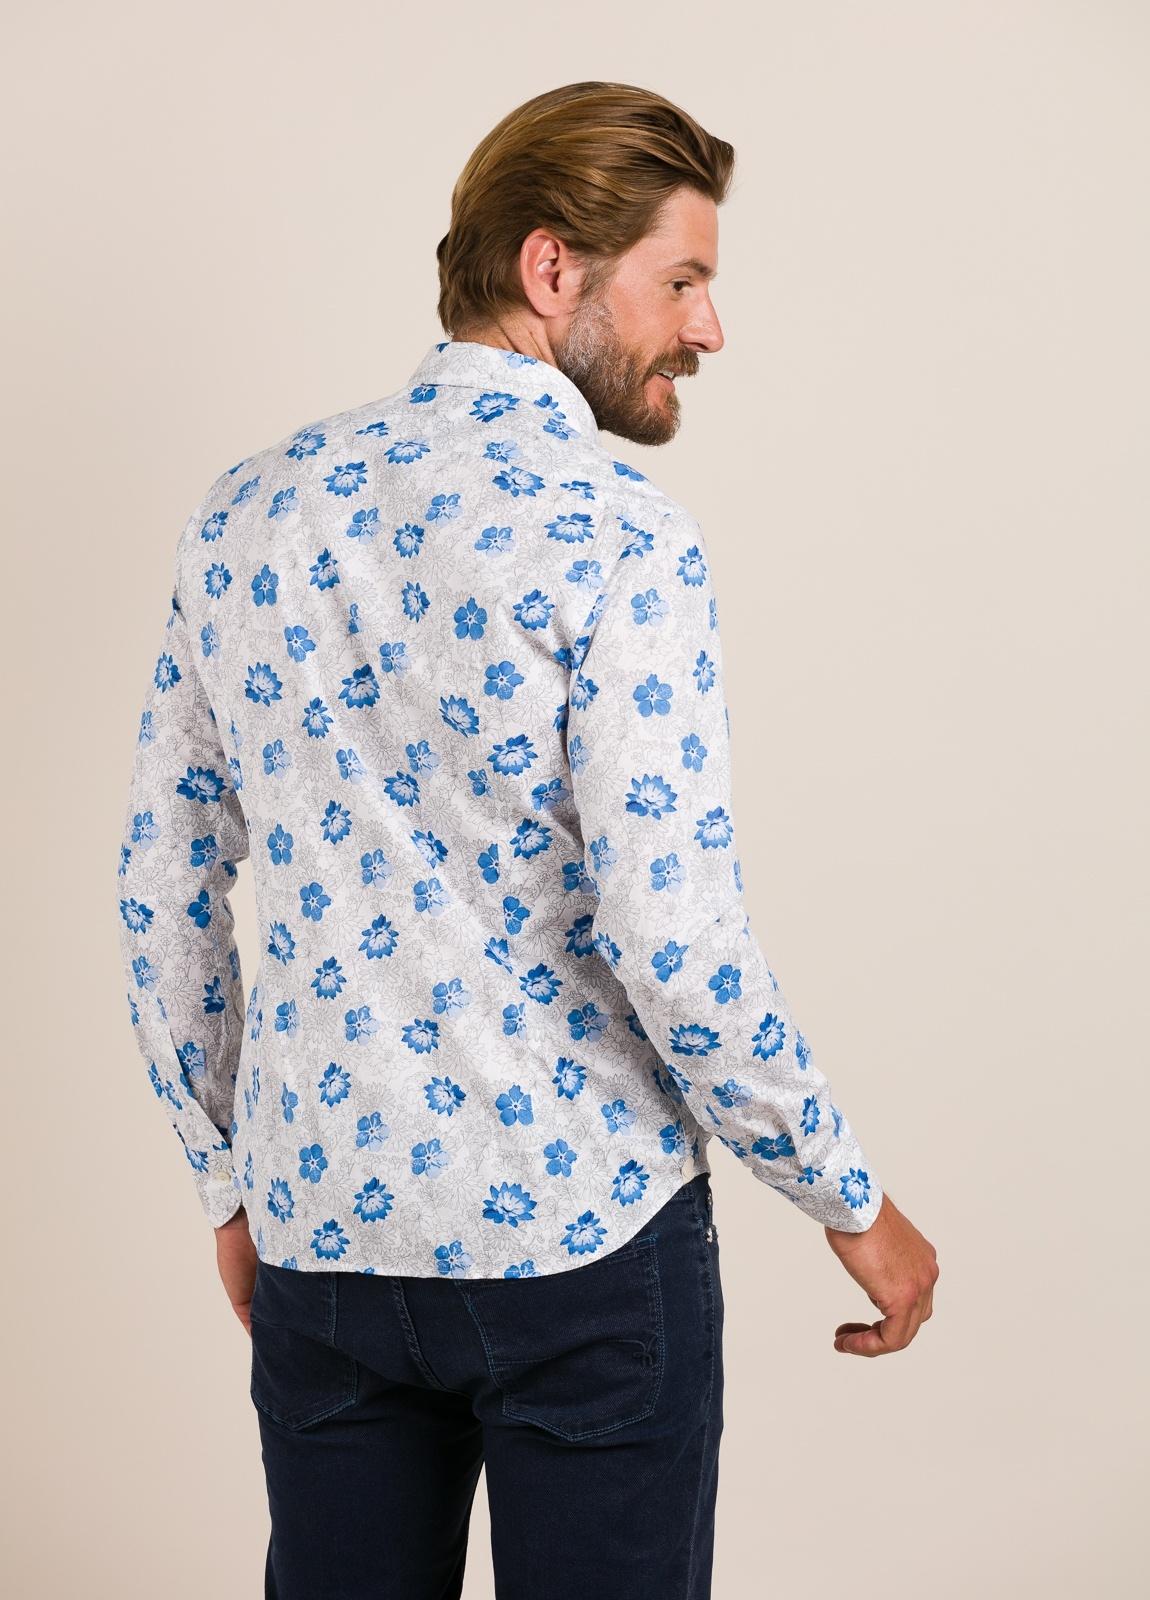 Camisa sport TINTORIA MATEI flores celeste - Ítem1